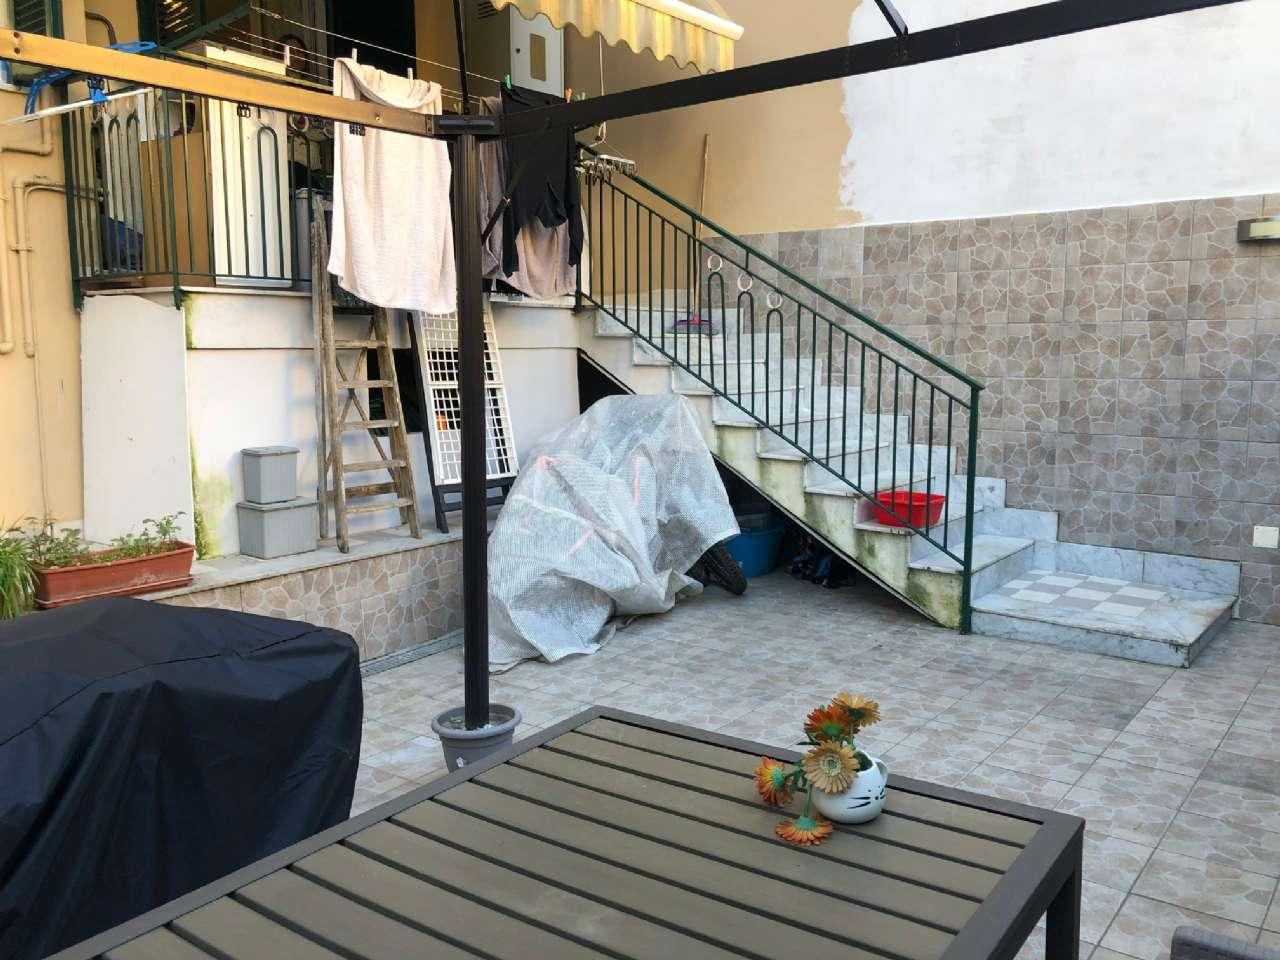 Appartamento in vendita a Giugliano in Campania, 3 locali, prezzo € 125.000 | PortaleAgenzieImmobiliari.it